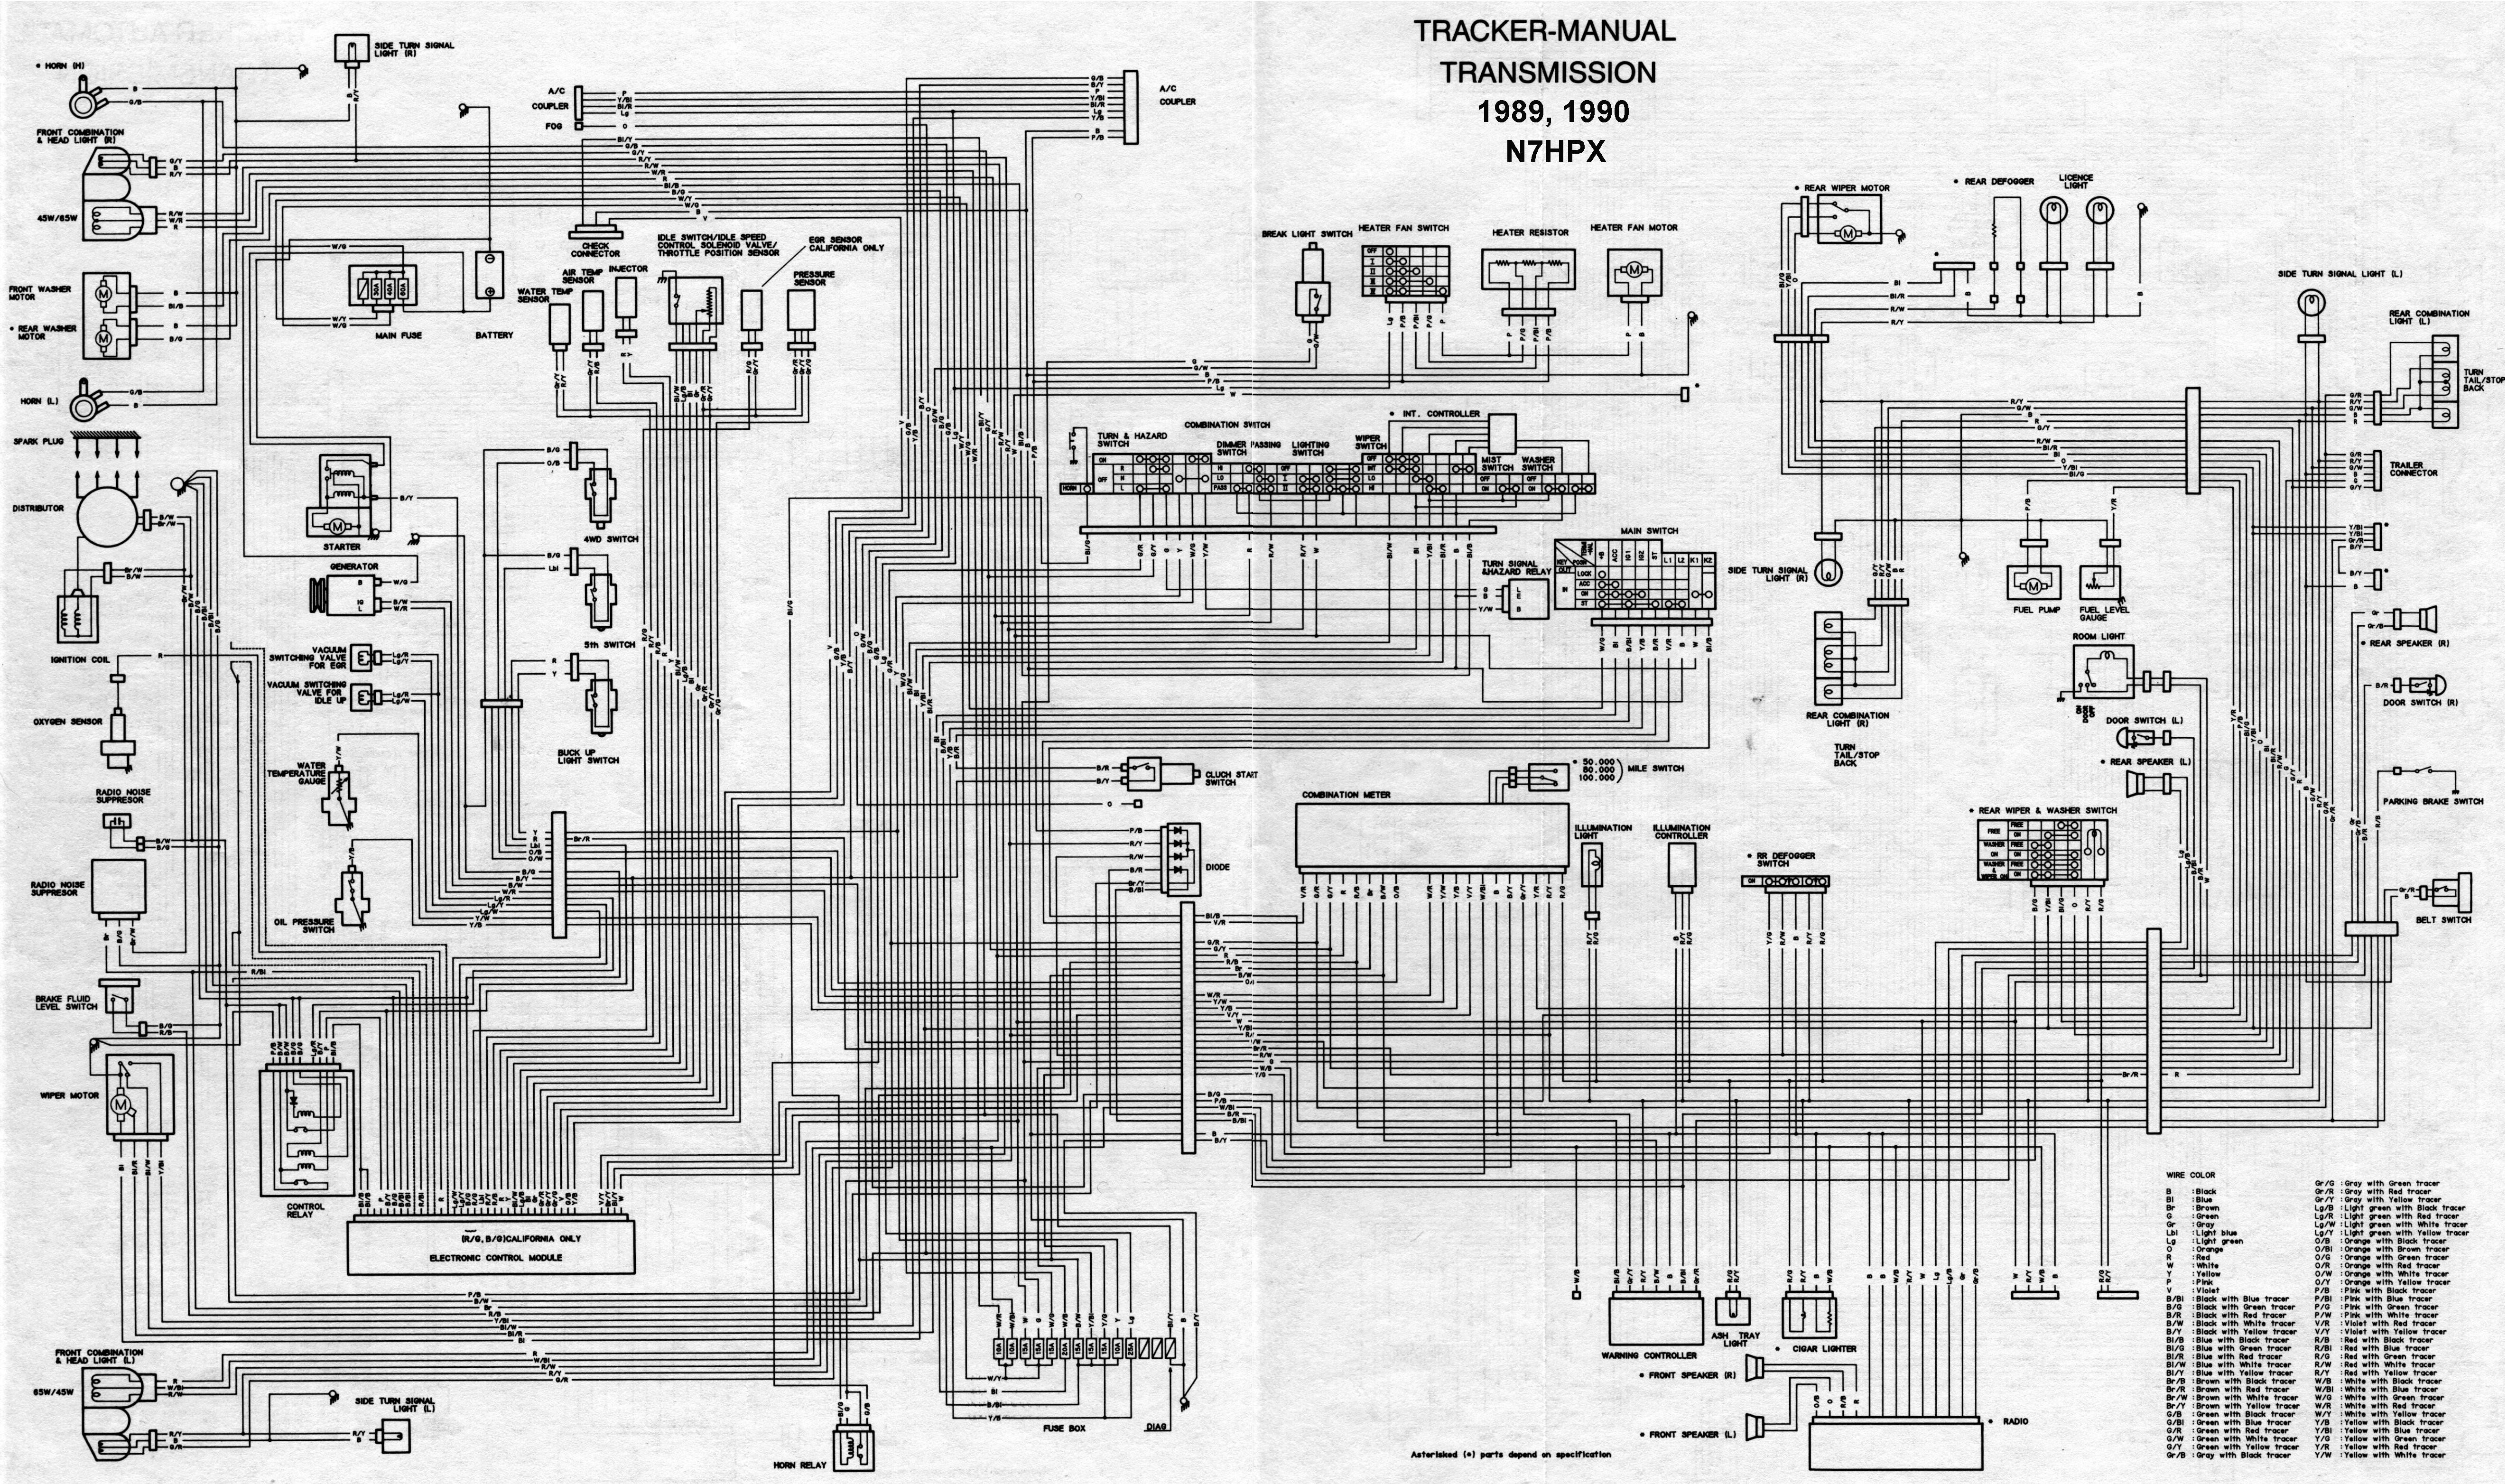 suzuki sidekick tracker wiring diagram 1989 1990 model